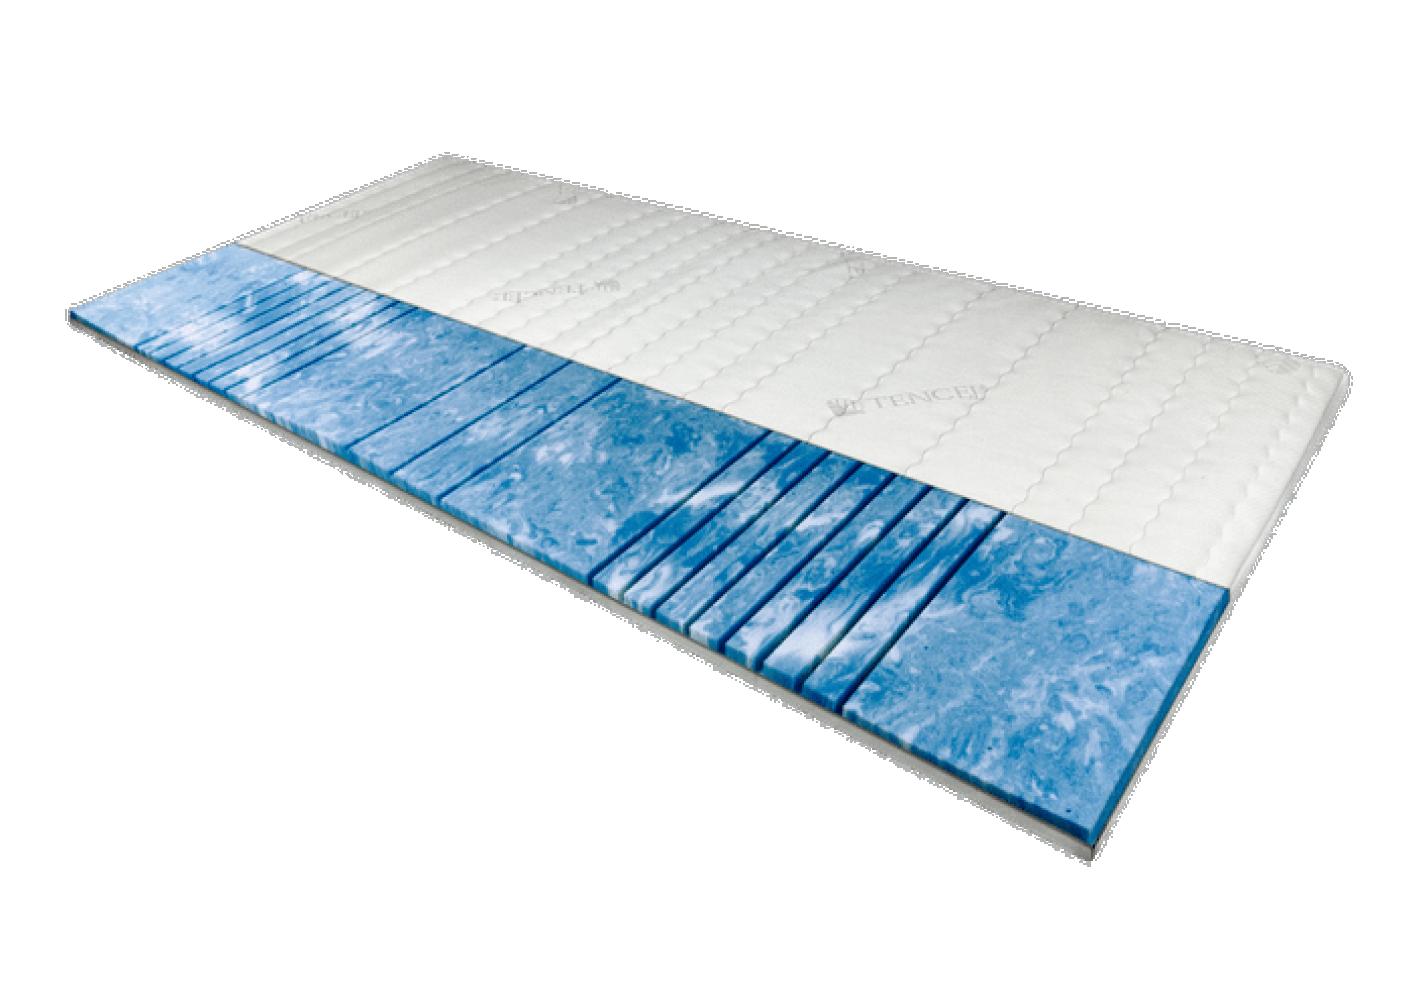 AM Qualitätsmatratzen | 7-Zonen Deluxe Gelschaum-Topper 90x200 cm - 8 cm Höhe Bild 1